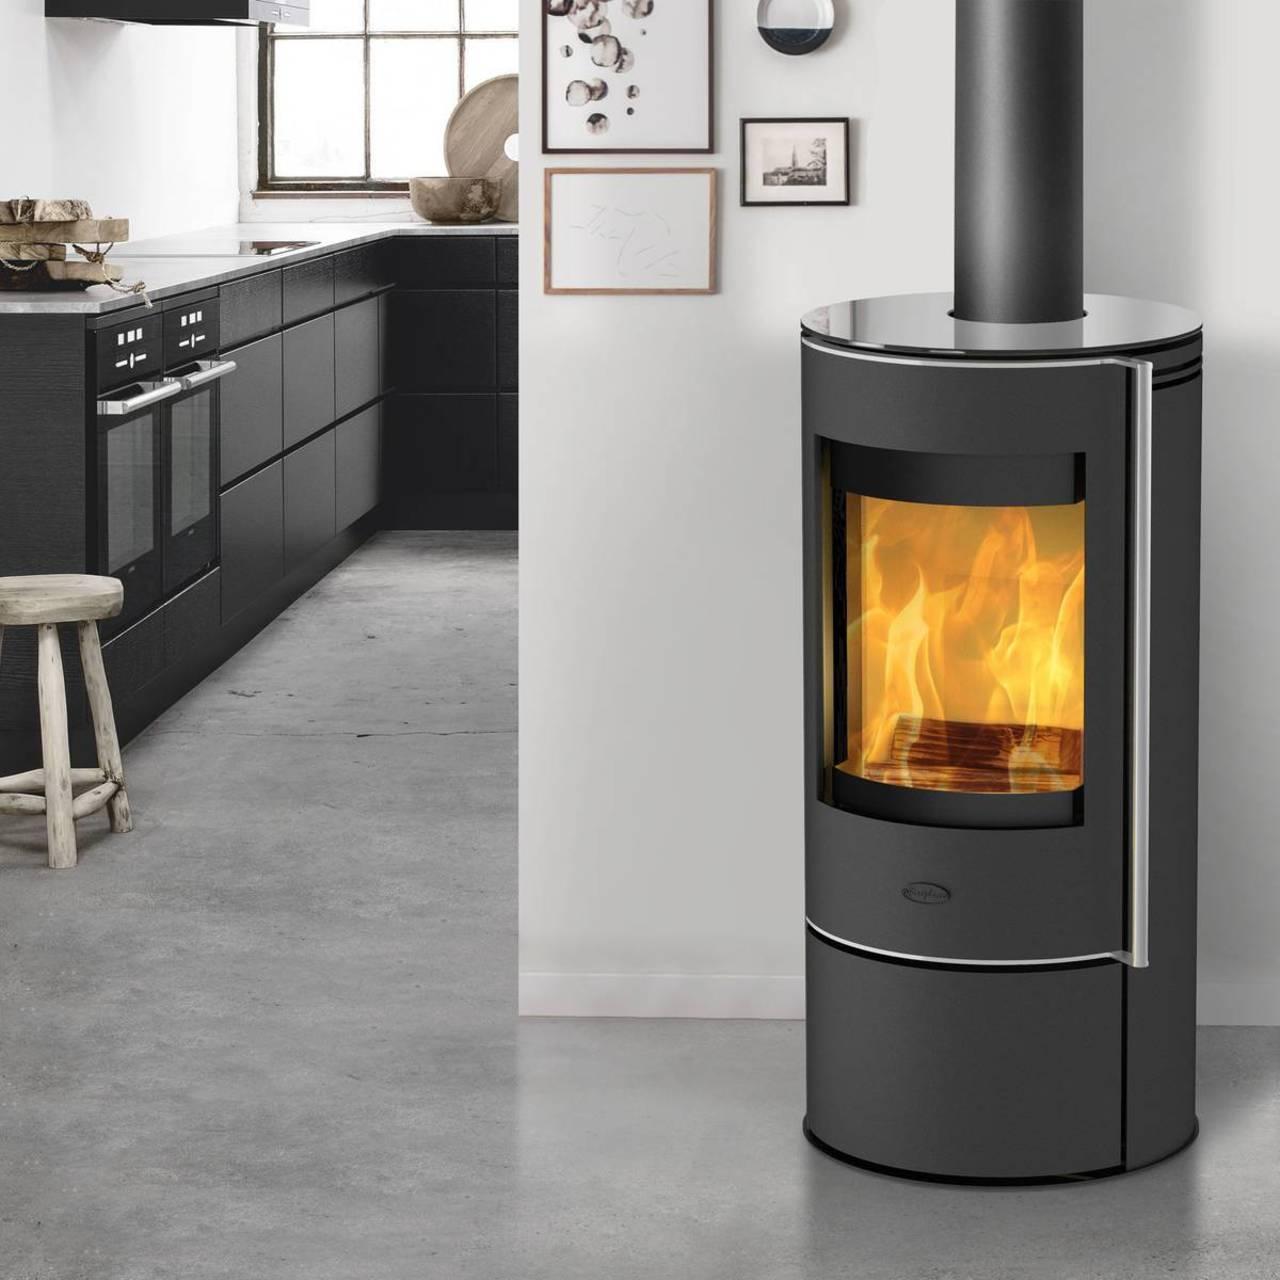 Fireplace Kaminofen Rondale Glas, 5 Kw, Ext. Luftzufuhr, Kamin, Ofen